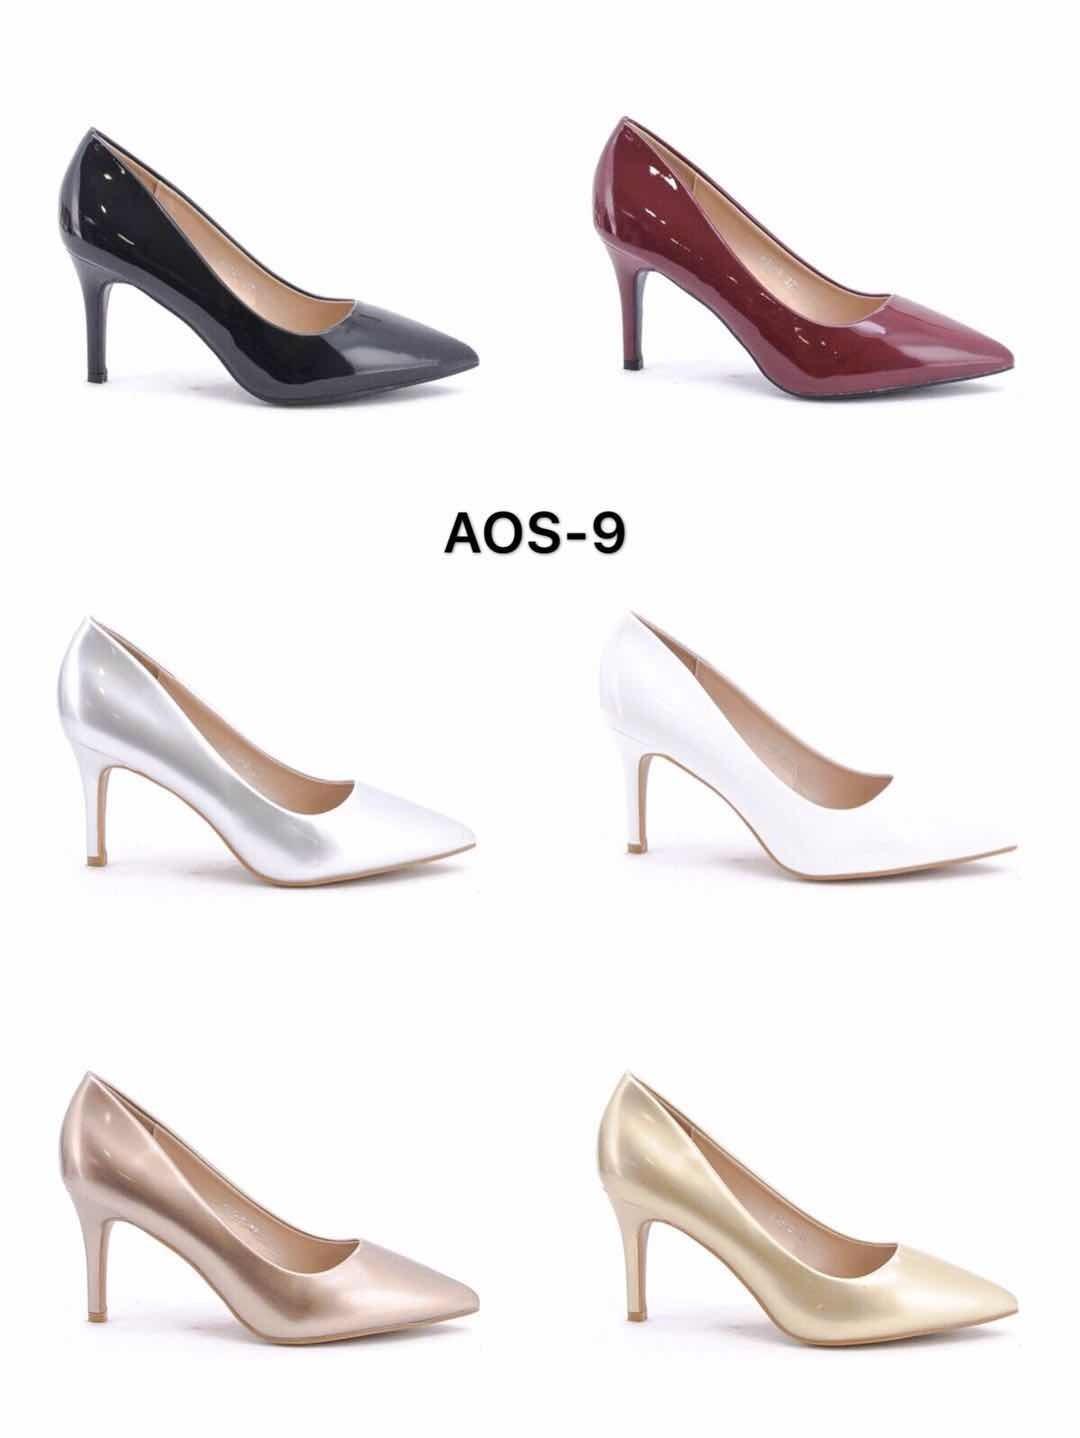 AOS-9